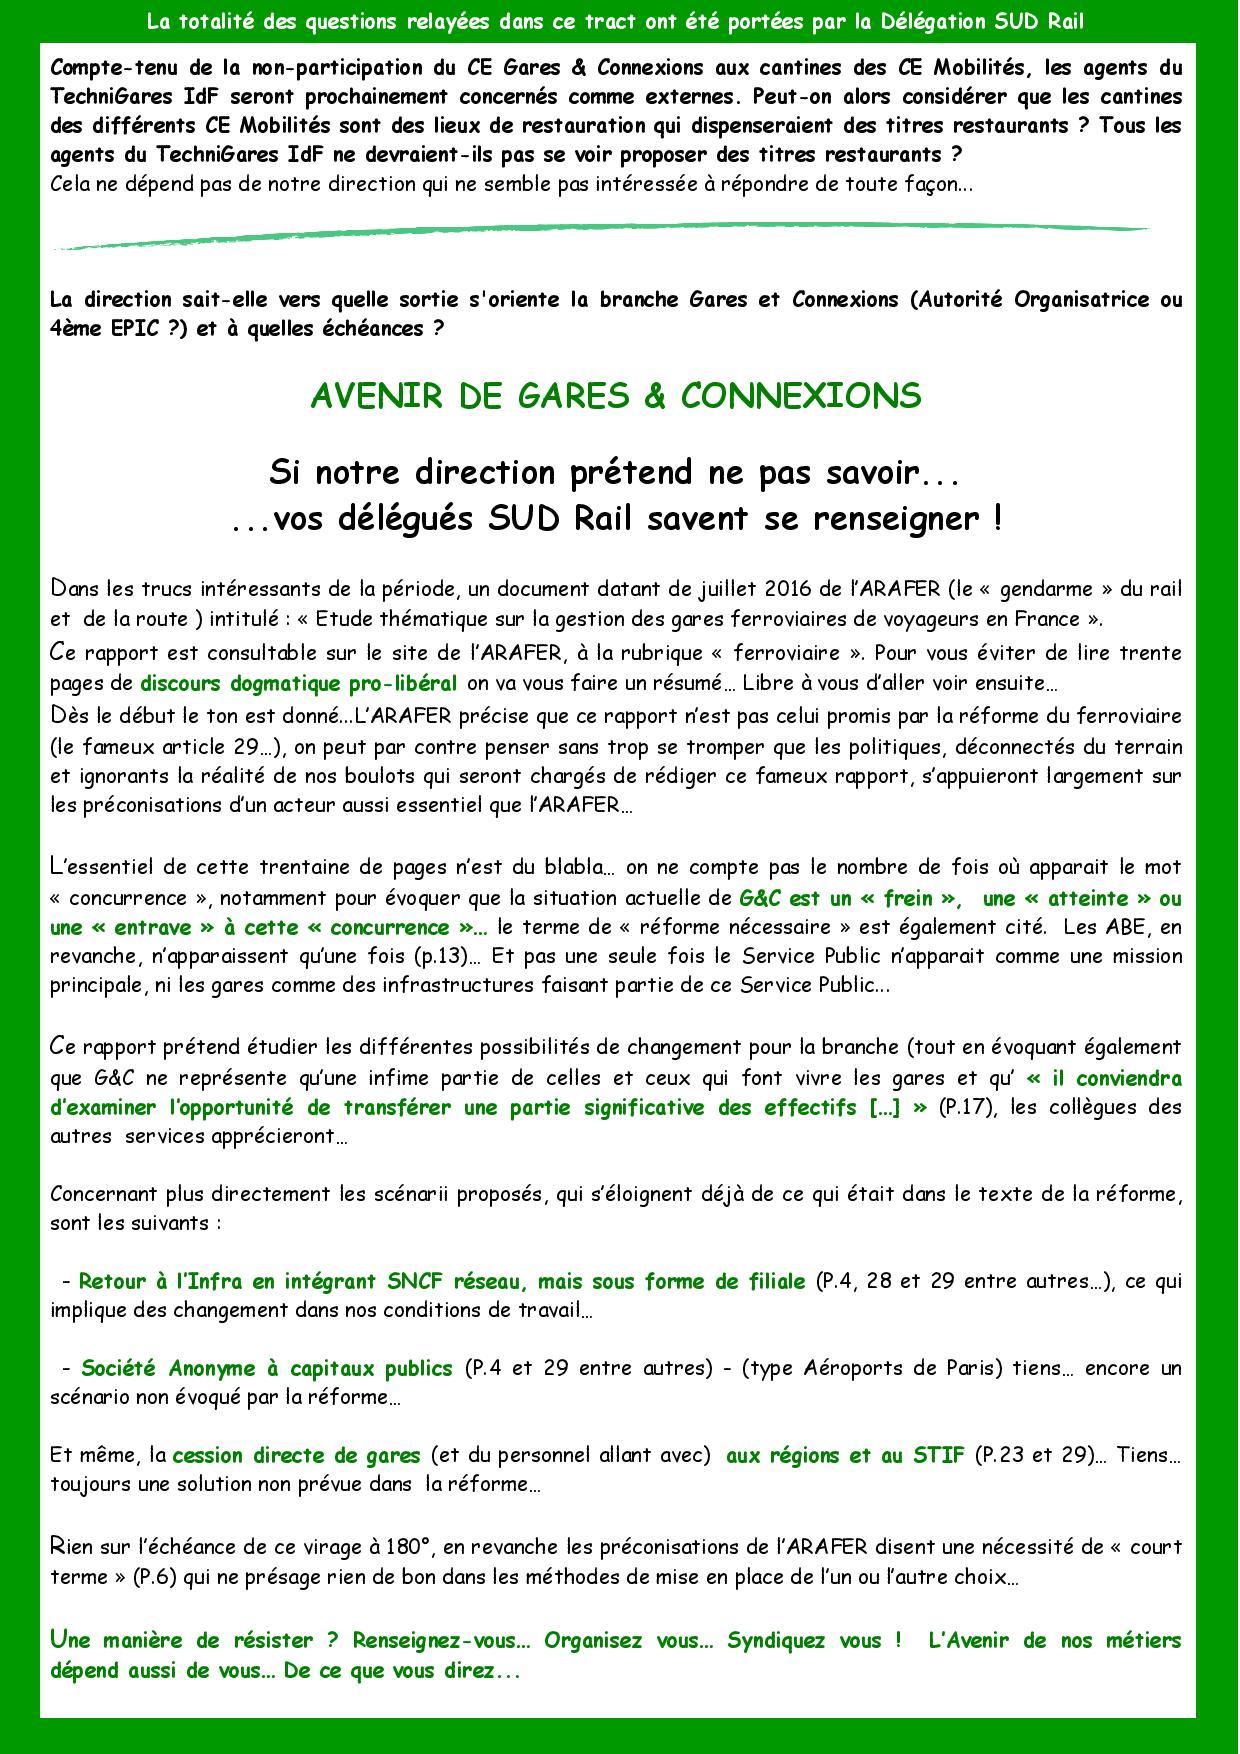 cr-dp-tgidf-22-09-16-page-011